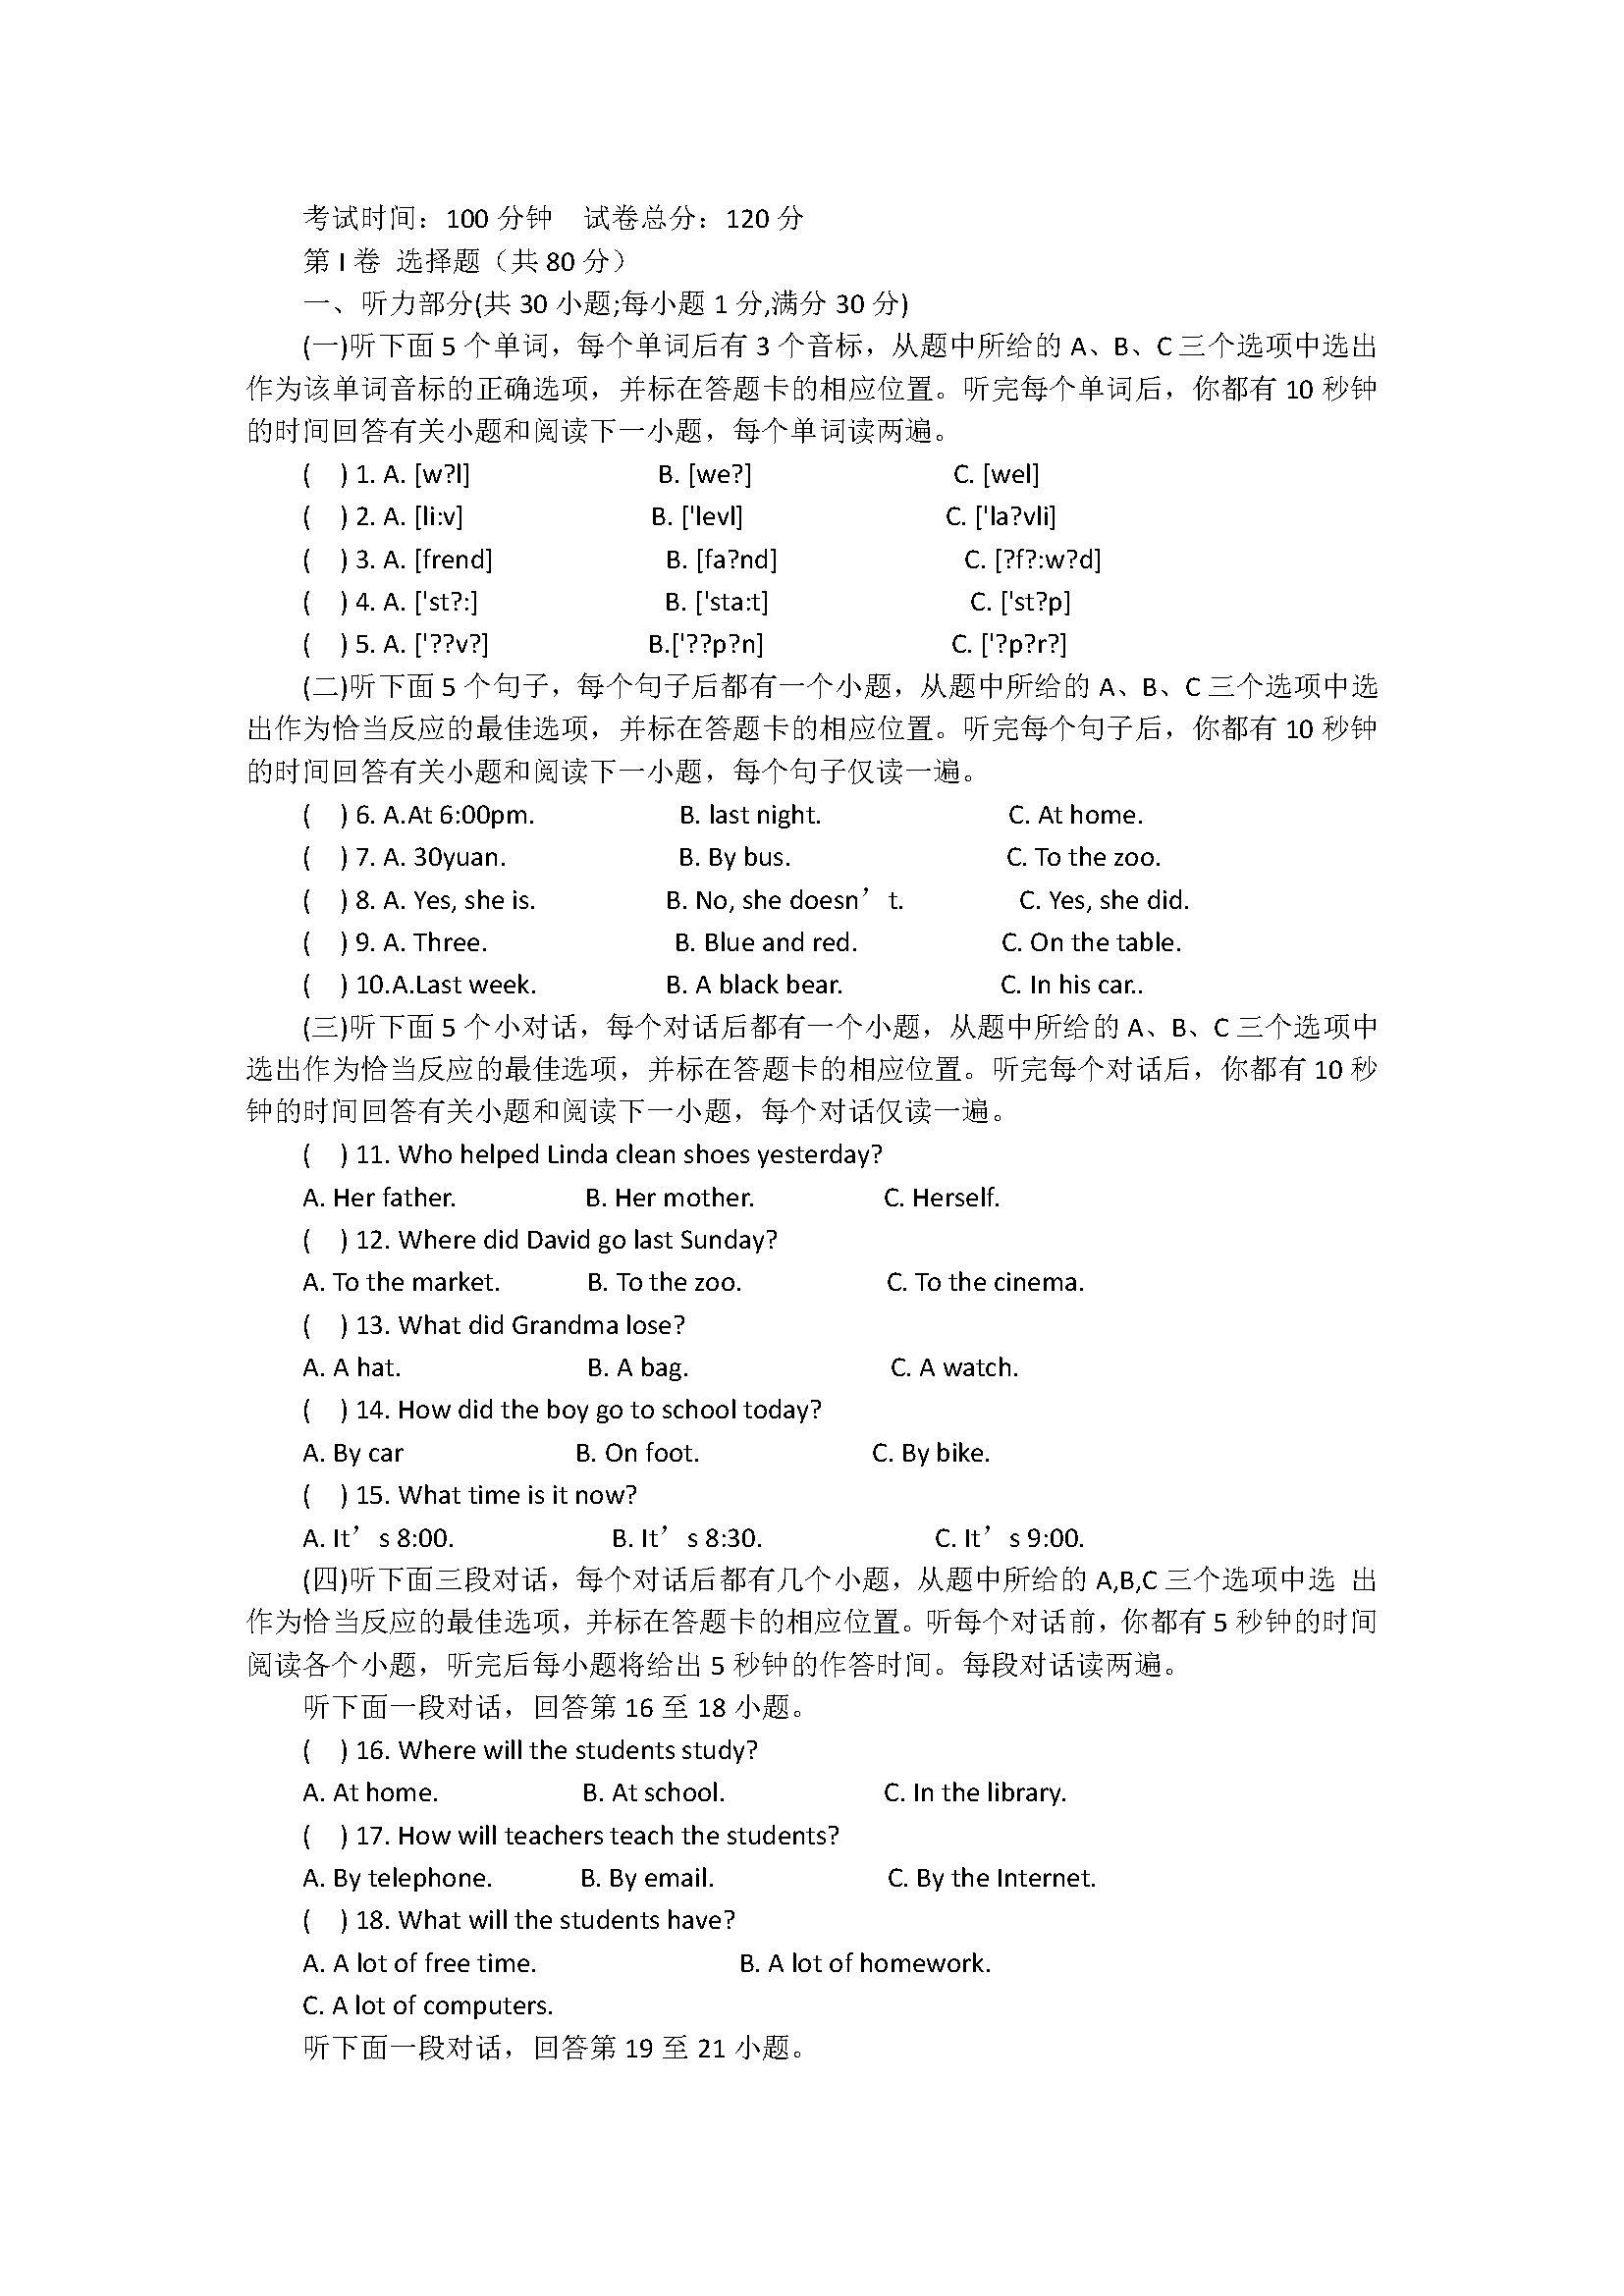 人教新目标版2018七年级下册英语期末试题含答案(山东聊城茌平县)